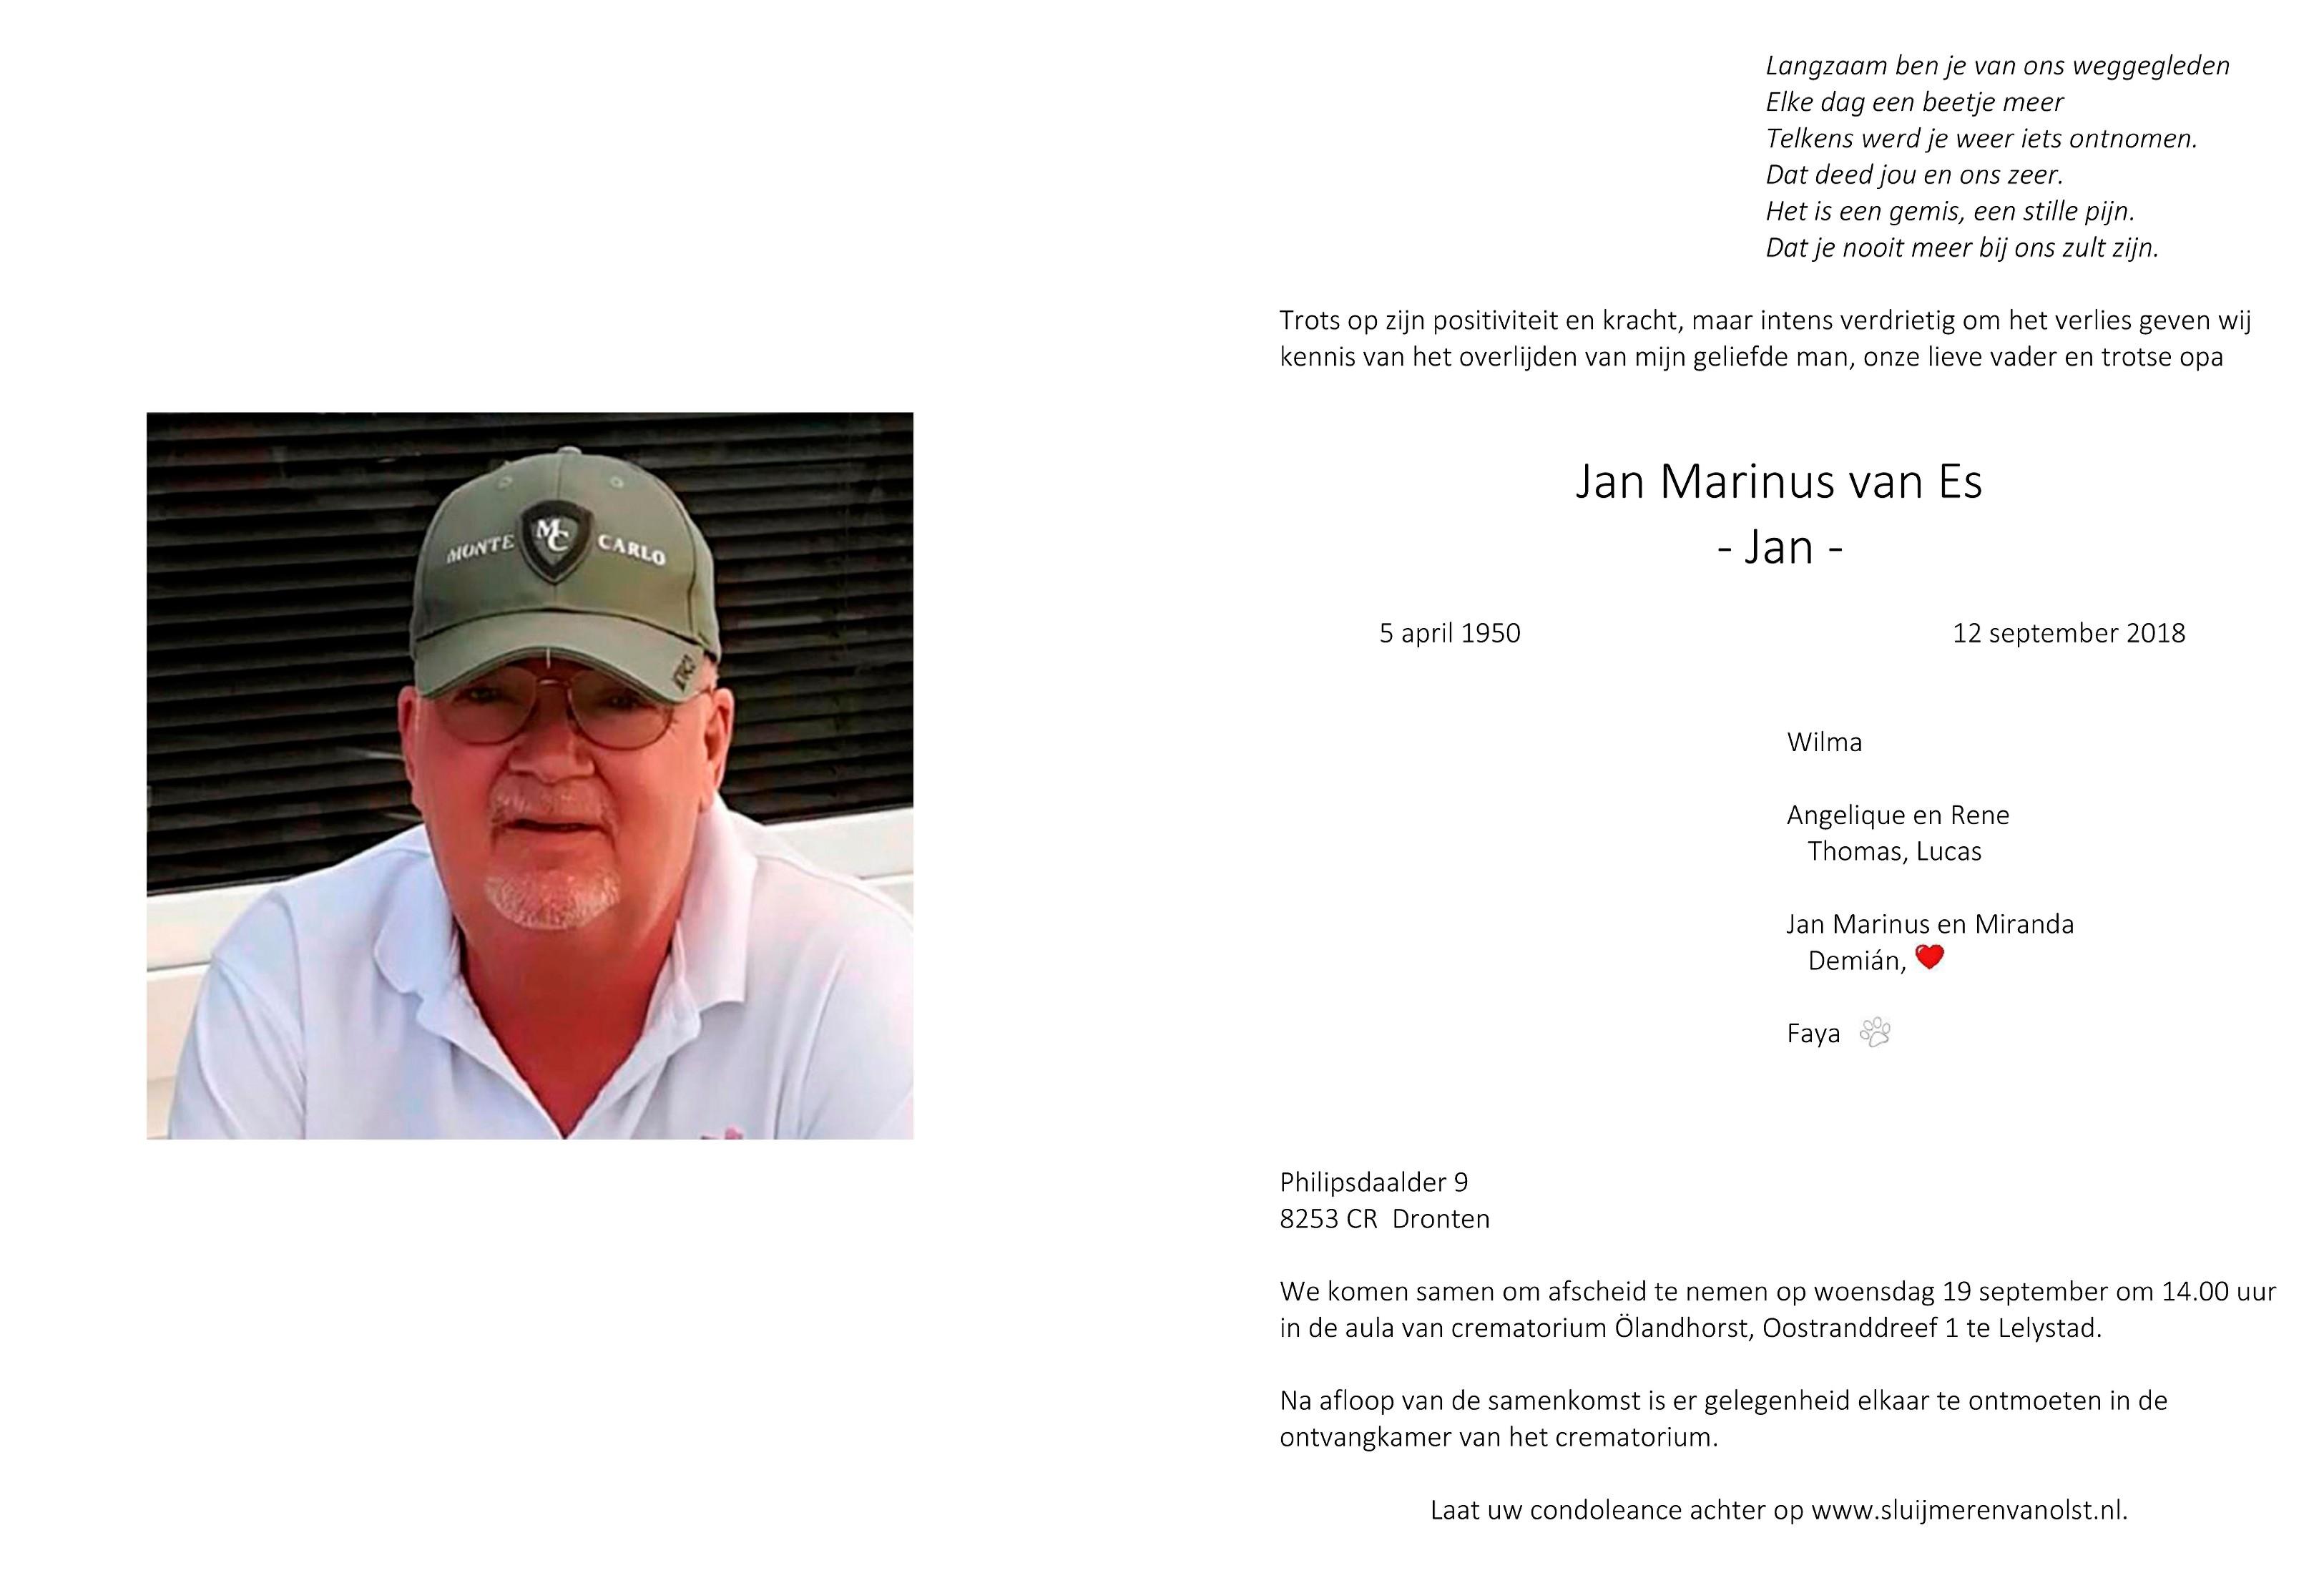 Jan van Es Death notice